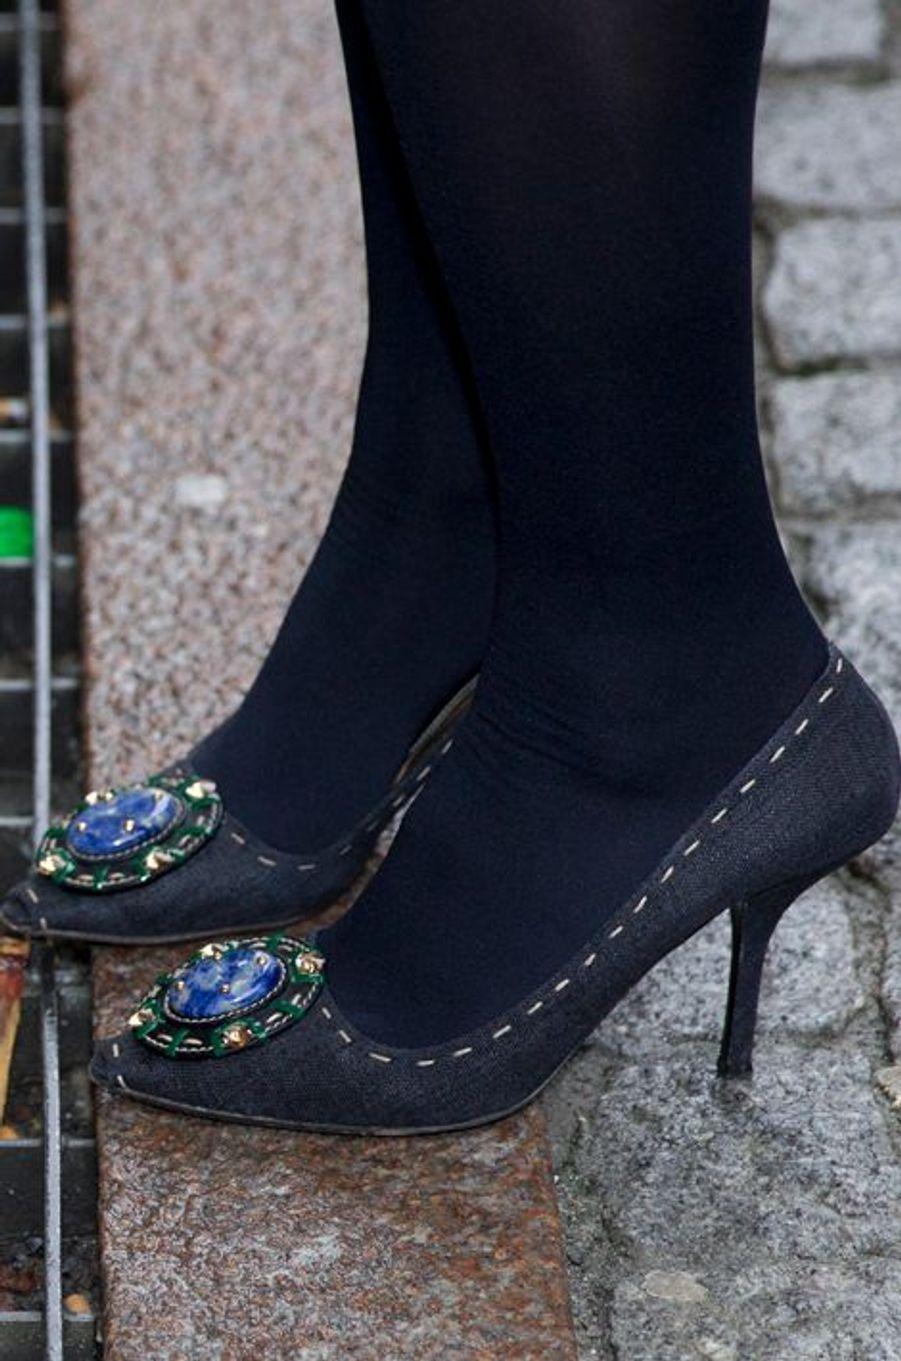 Les chaussures de la princesse Mette-Marit de Norvège à Oslo, le 3 novembre 2015